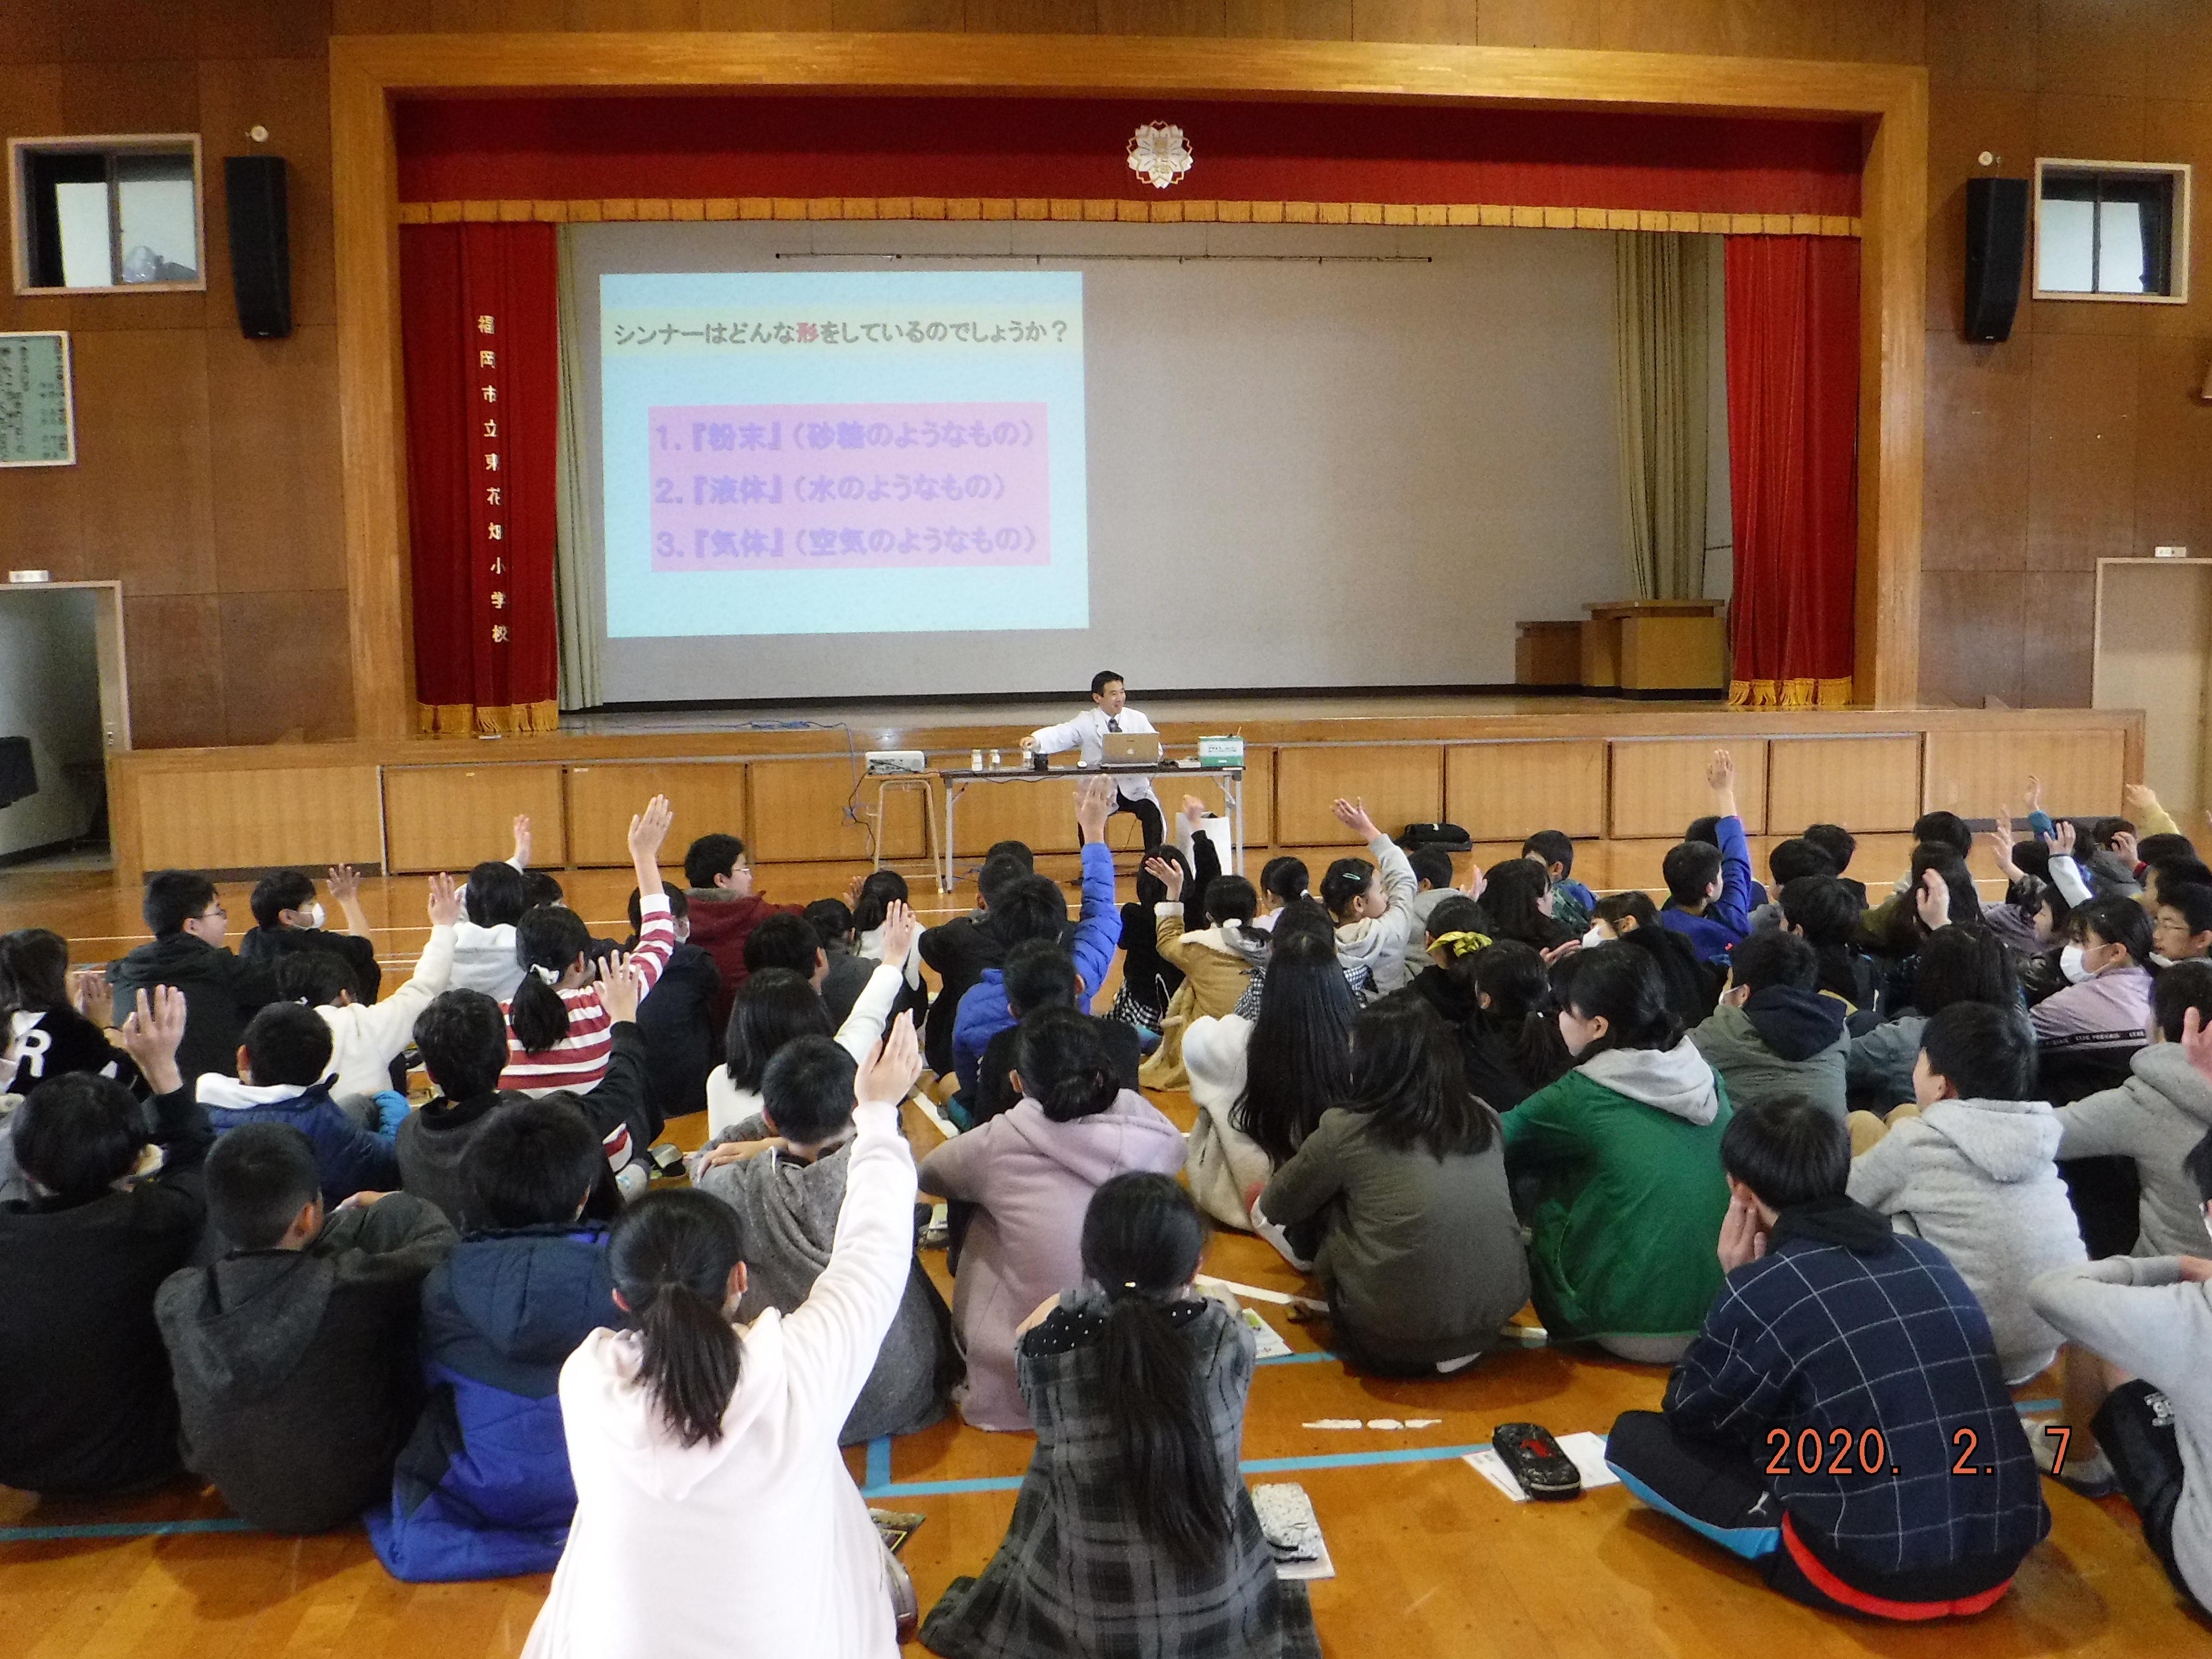 東花畑小学校にて「薬物乱用防止教室」を行いました・・・(シンナー実験,未成年の飲酒について・・・等など)